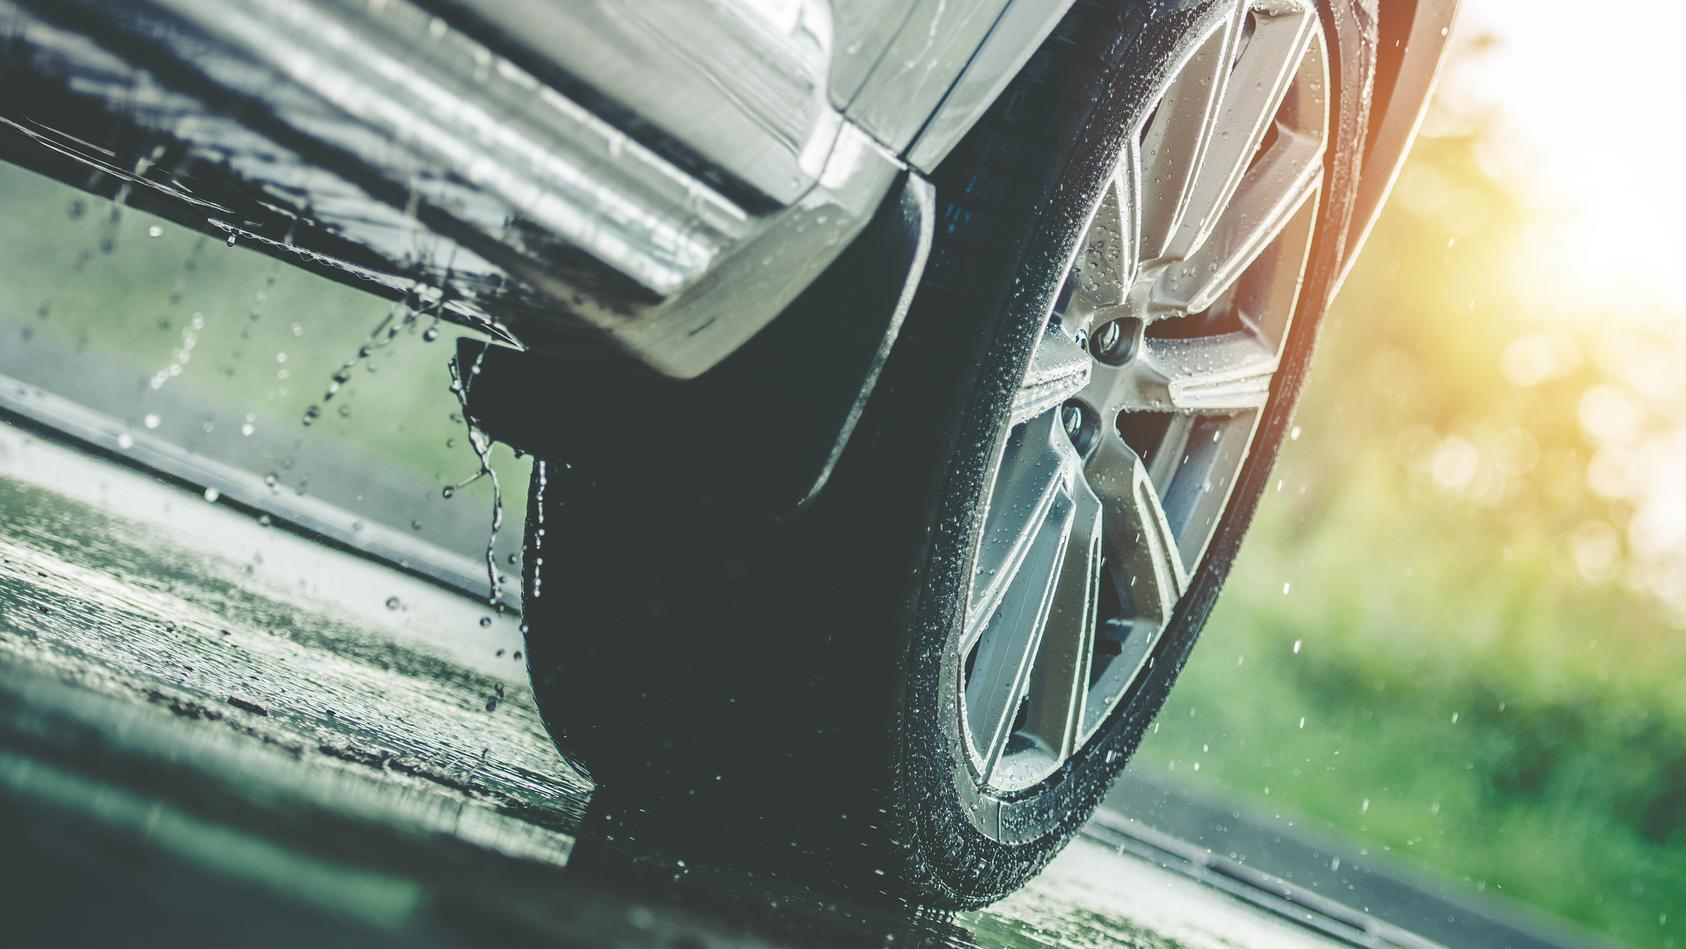 Grundsätzlich kann Aquaplaningauf allen Straßen mit erhöhtem Wasserstandauftreten. Überall dort, wo Regenwasser nicht richtig abfließt.